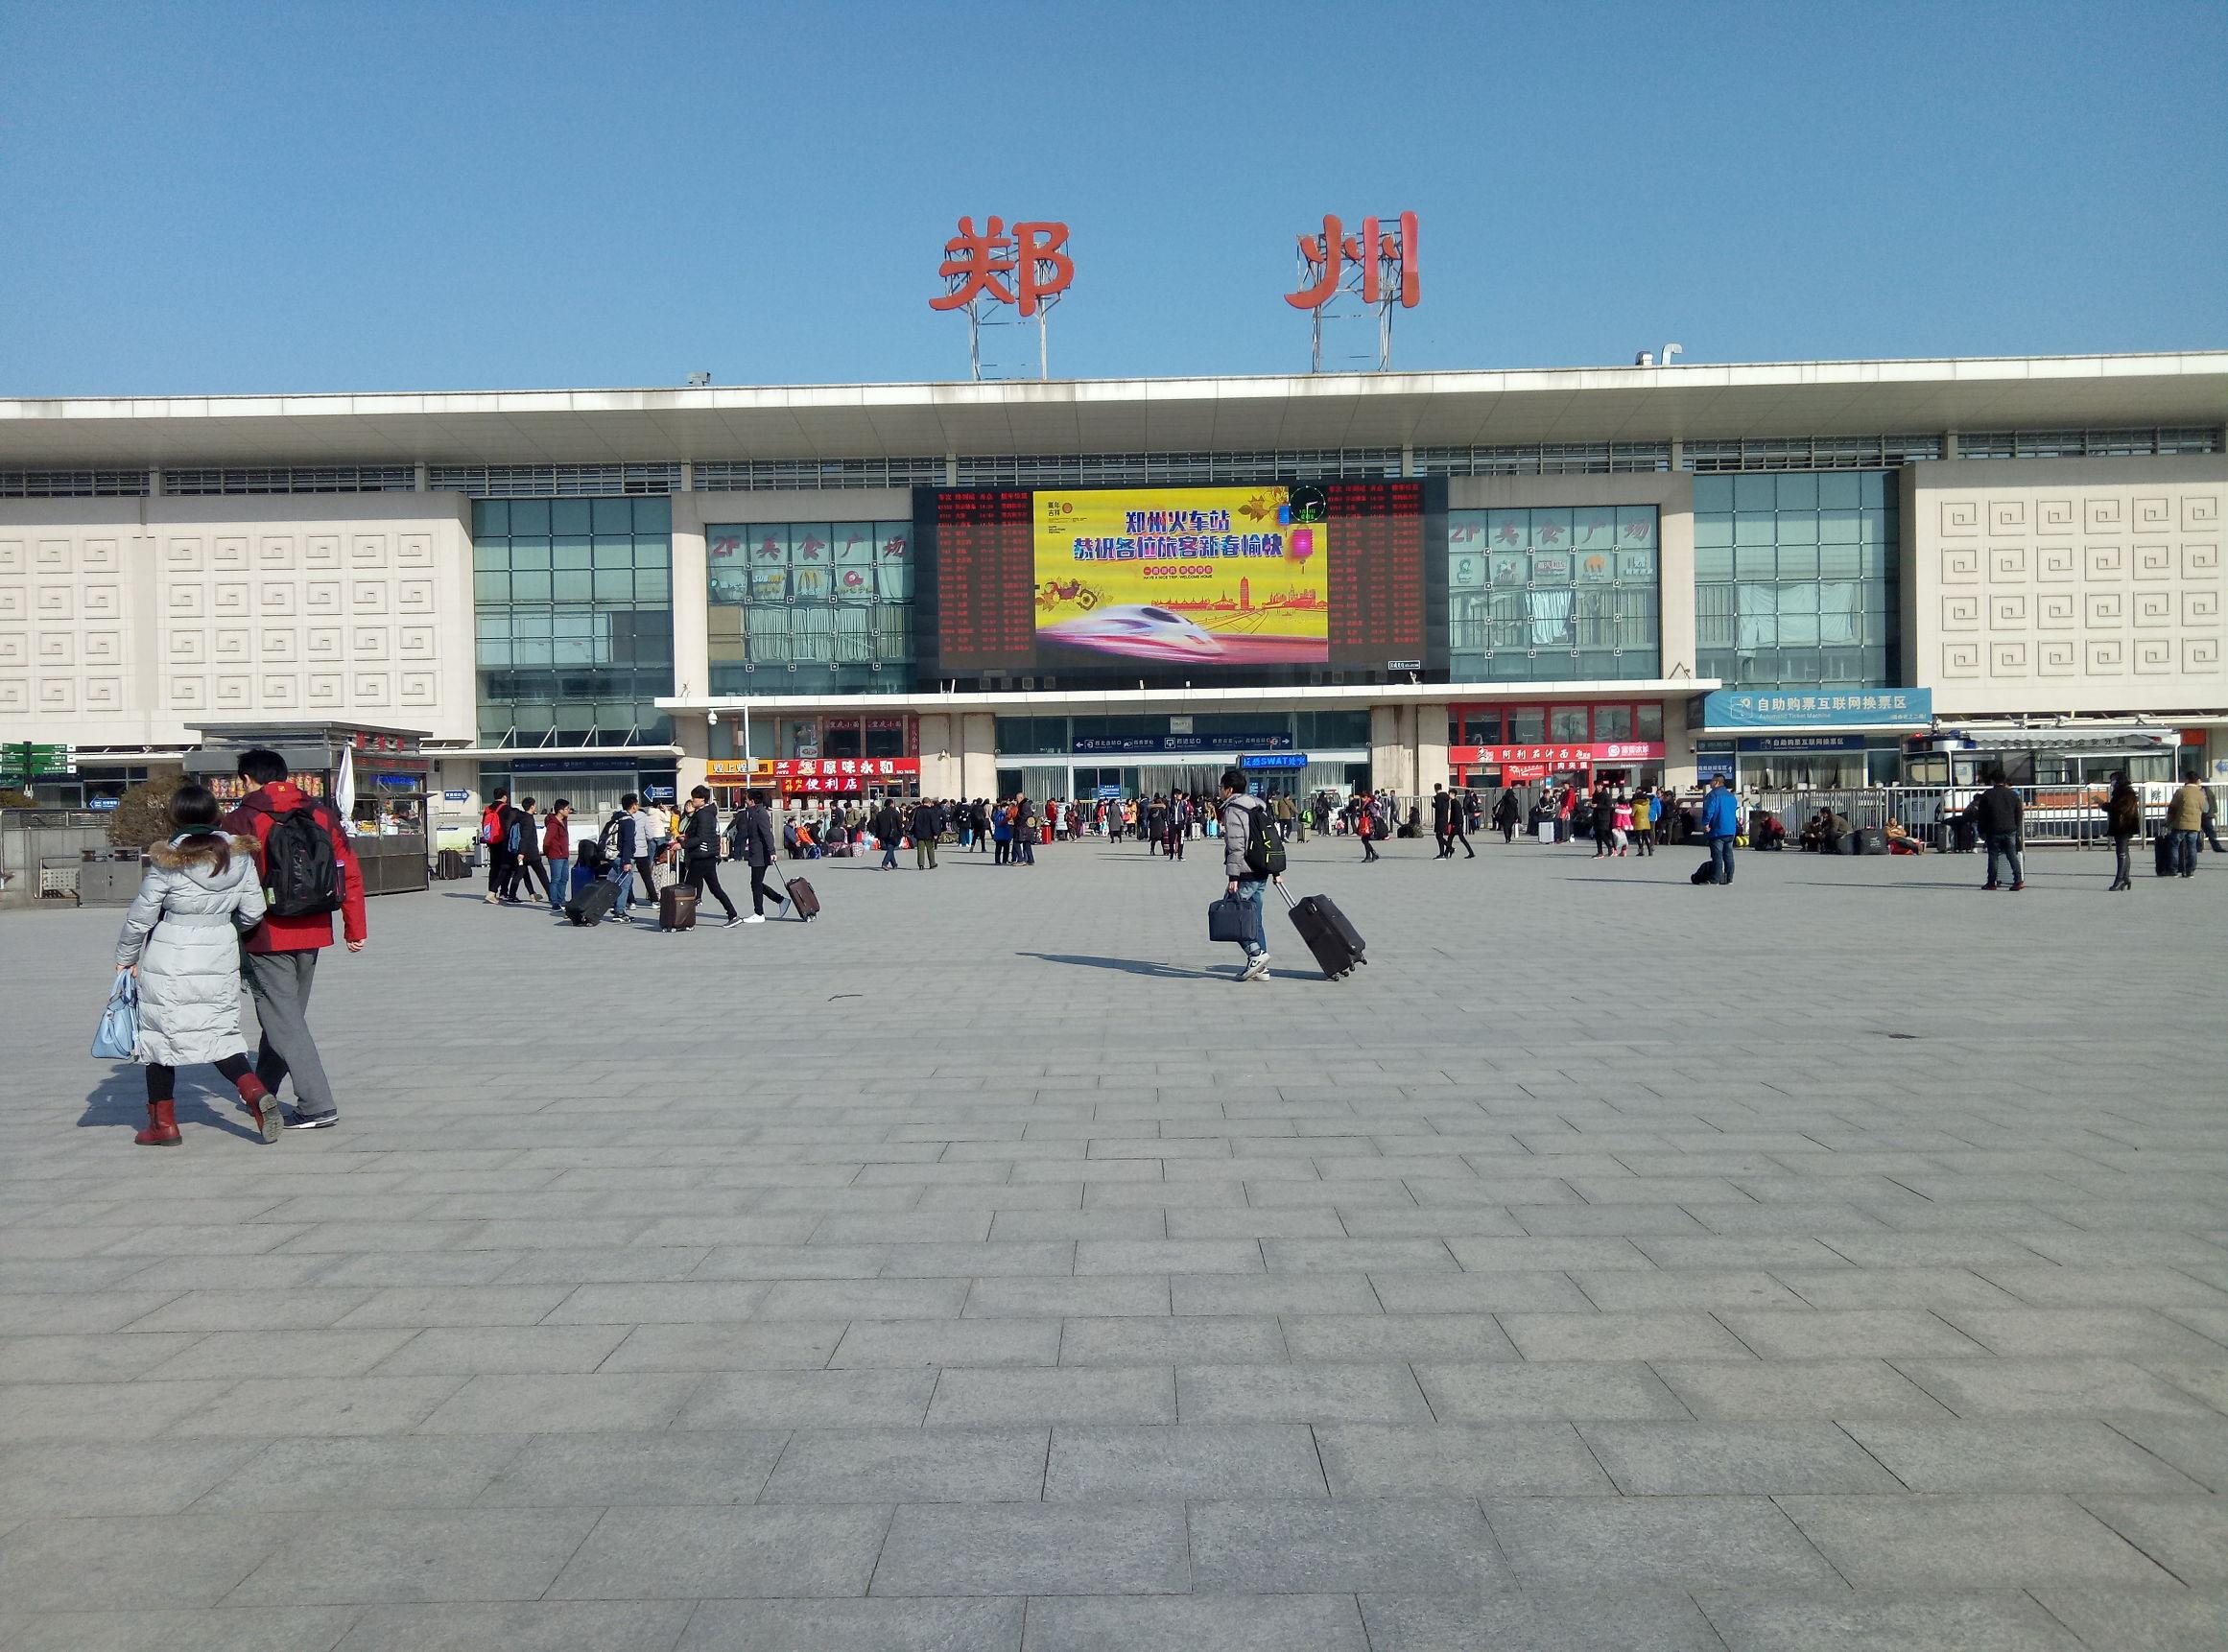 1月13日至2月21日是2017年春运的时间,昨天是第一天,作为全国最大客运中转站之一的郑州站是怎样的景象呢?没错,你看到的就是郑州站的西广场,是不是感觉很冷清?小编也有些失落,没有看到人潮涌动的景象。好好想象可以理解,春运的第一天嘛,离过年还有半个月的时间,阴历二十多从会达到高峰期。